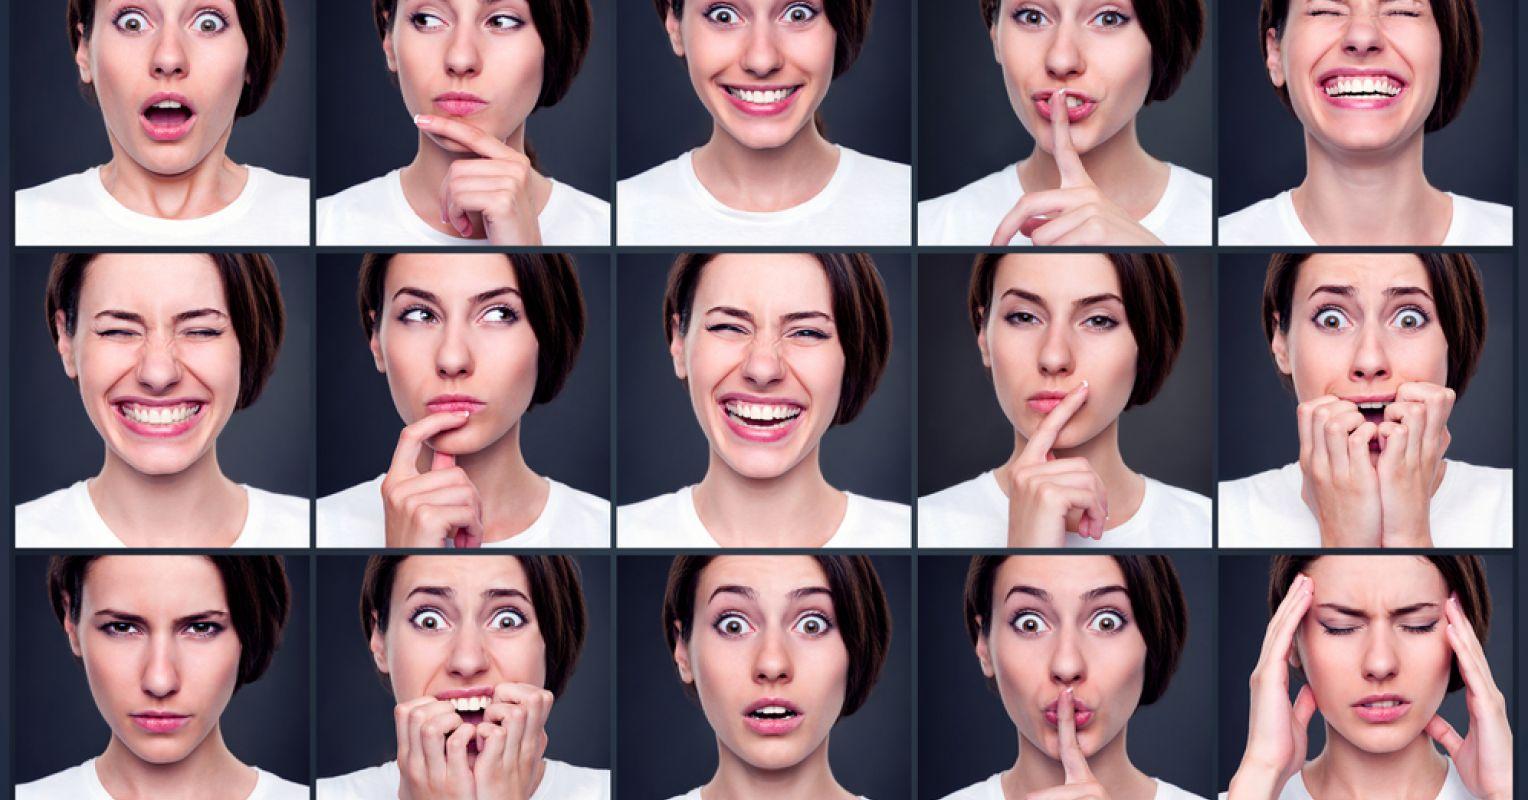 9 hình thức giao tiếp không lời xuất hiện trong đời sống hàng ngày